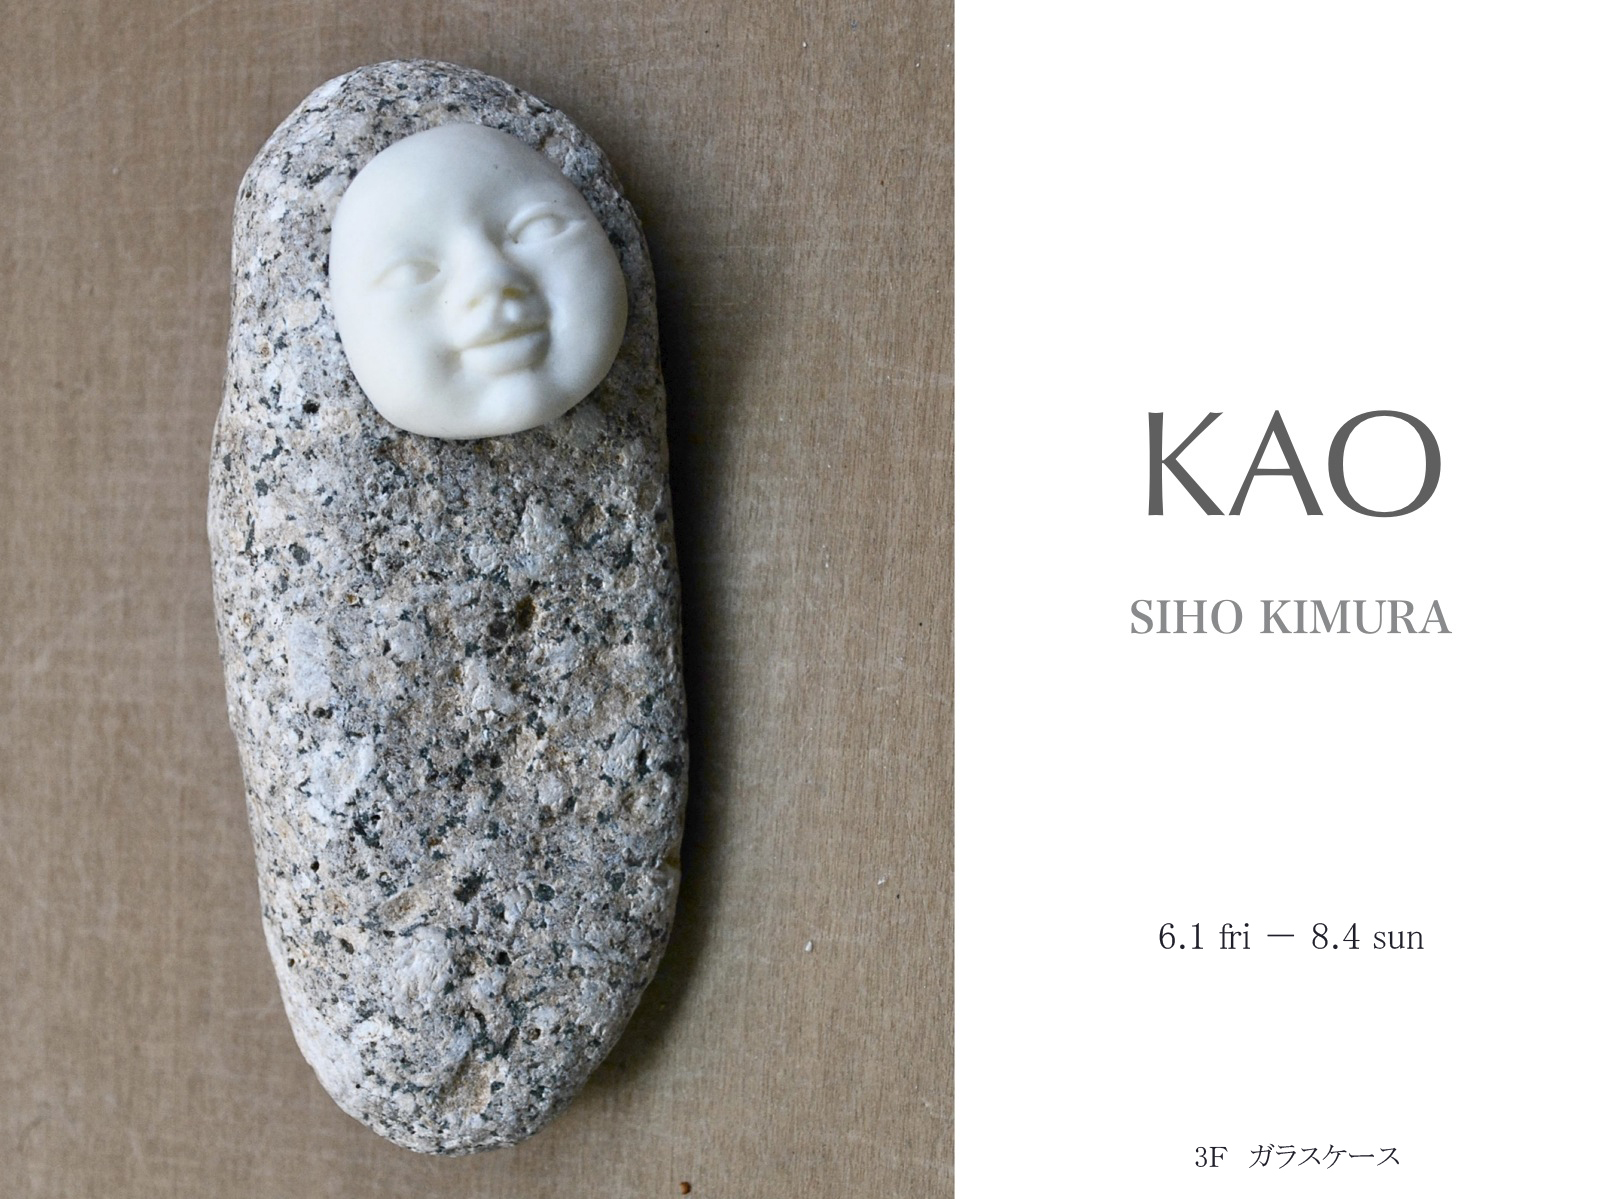 KAO-SIHO KIMURA